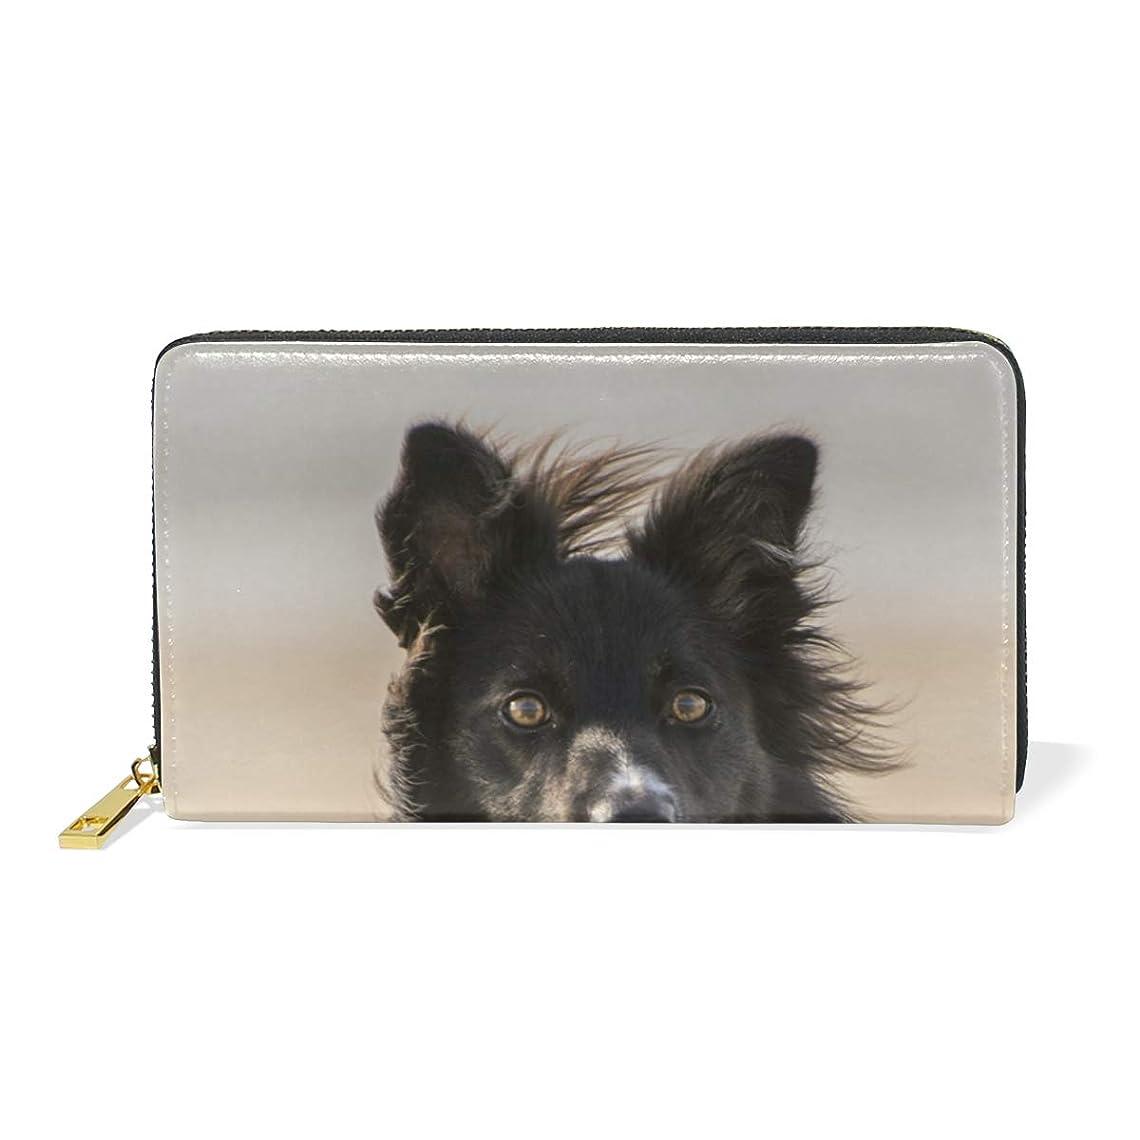 キャンバス楽しませる特徴づけるAyuStyle 長財布 財布 レディース メンズ 犬 イヌ 写真 大容量 個性的 ラウンドファスナー ロング ウォレット PUレザー お札入れ 小銭入れ カード入れ